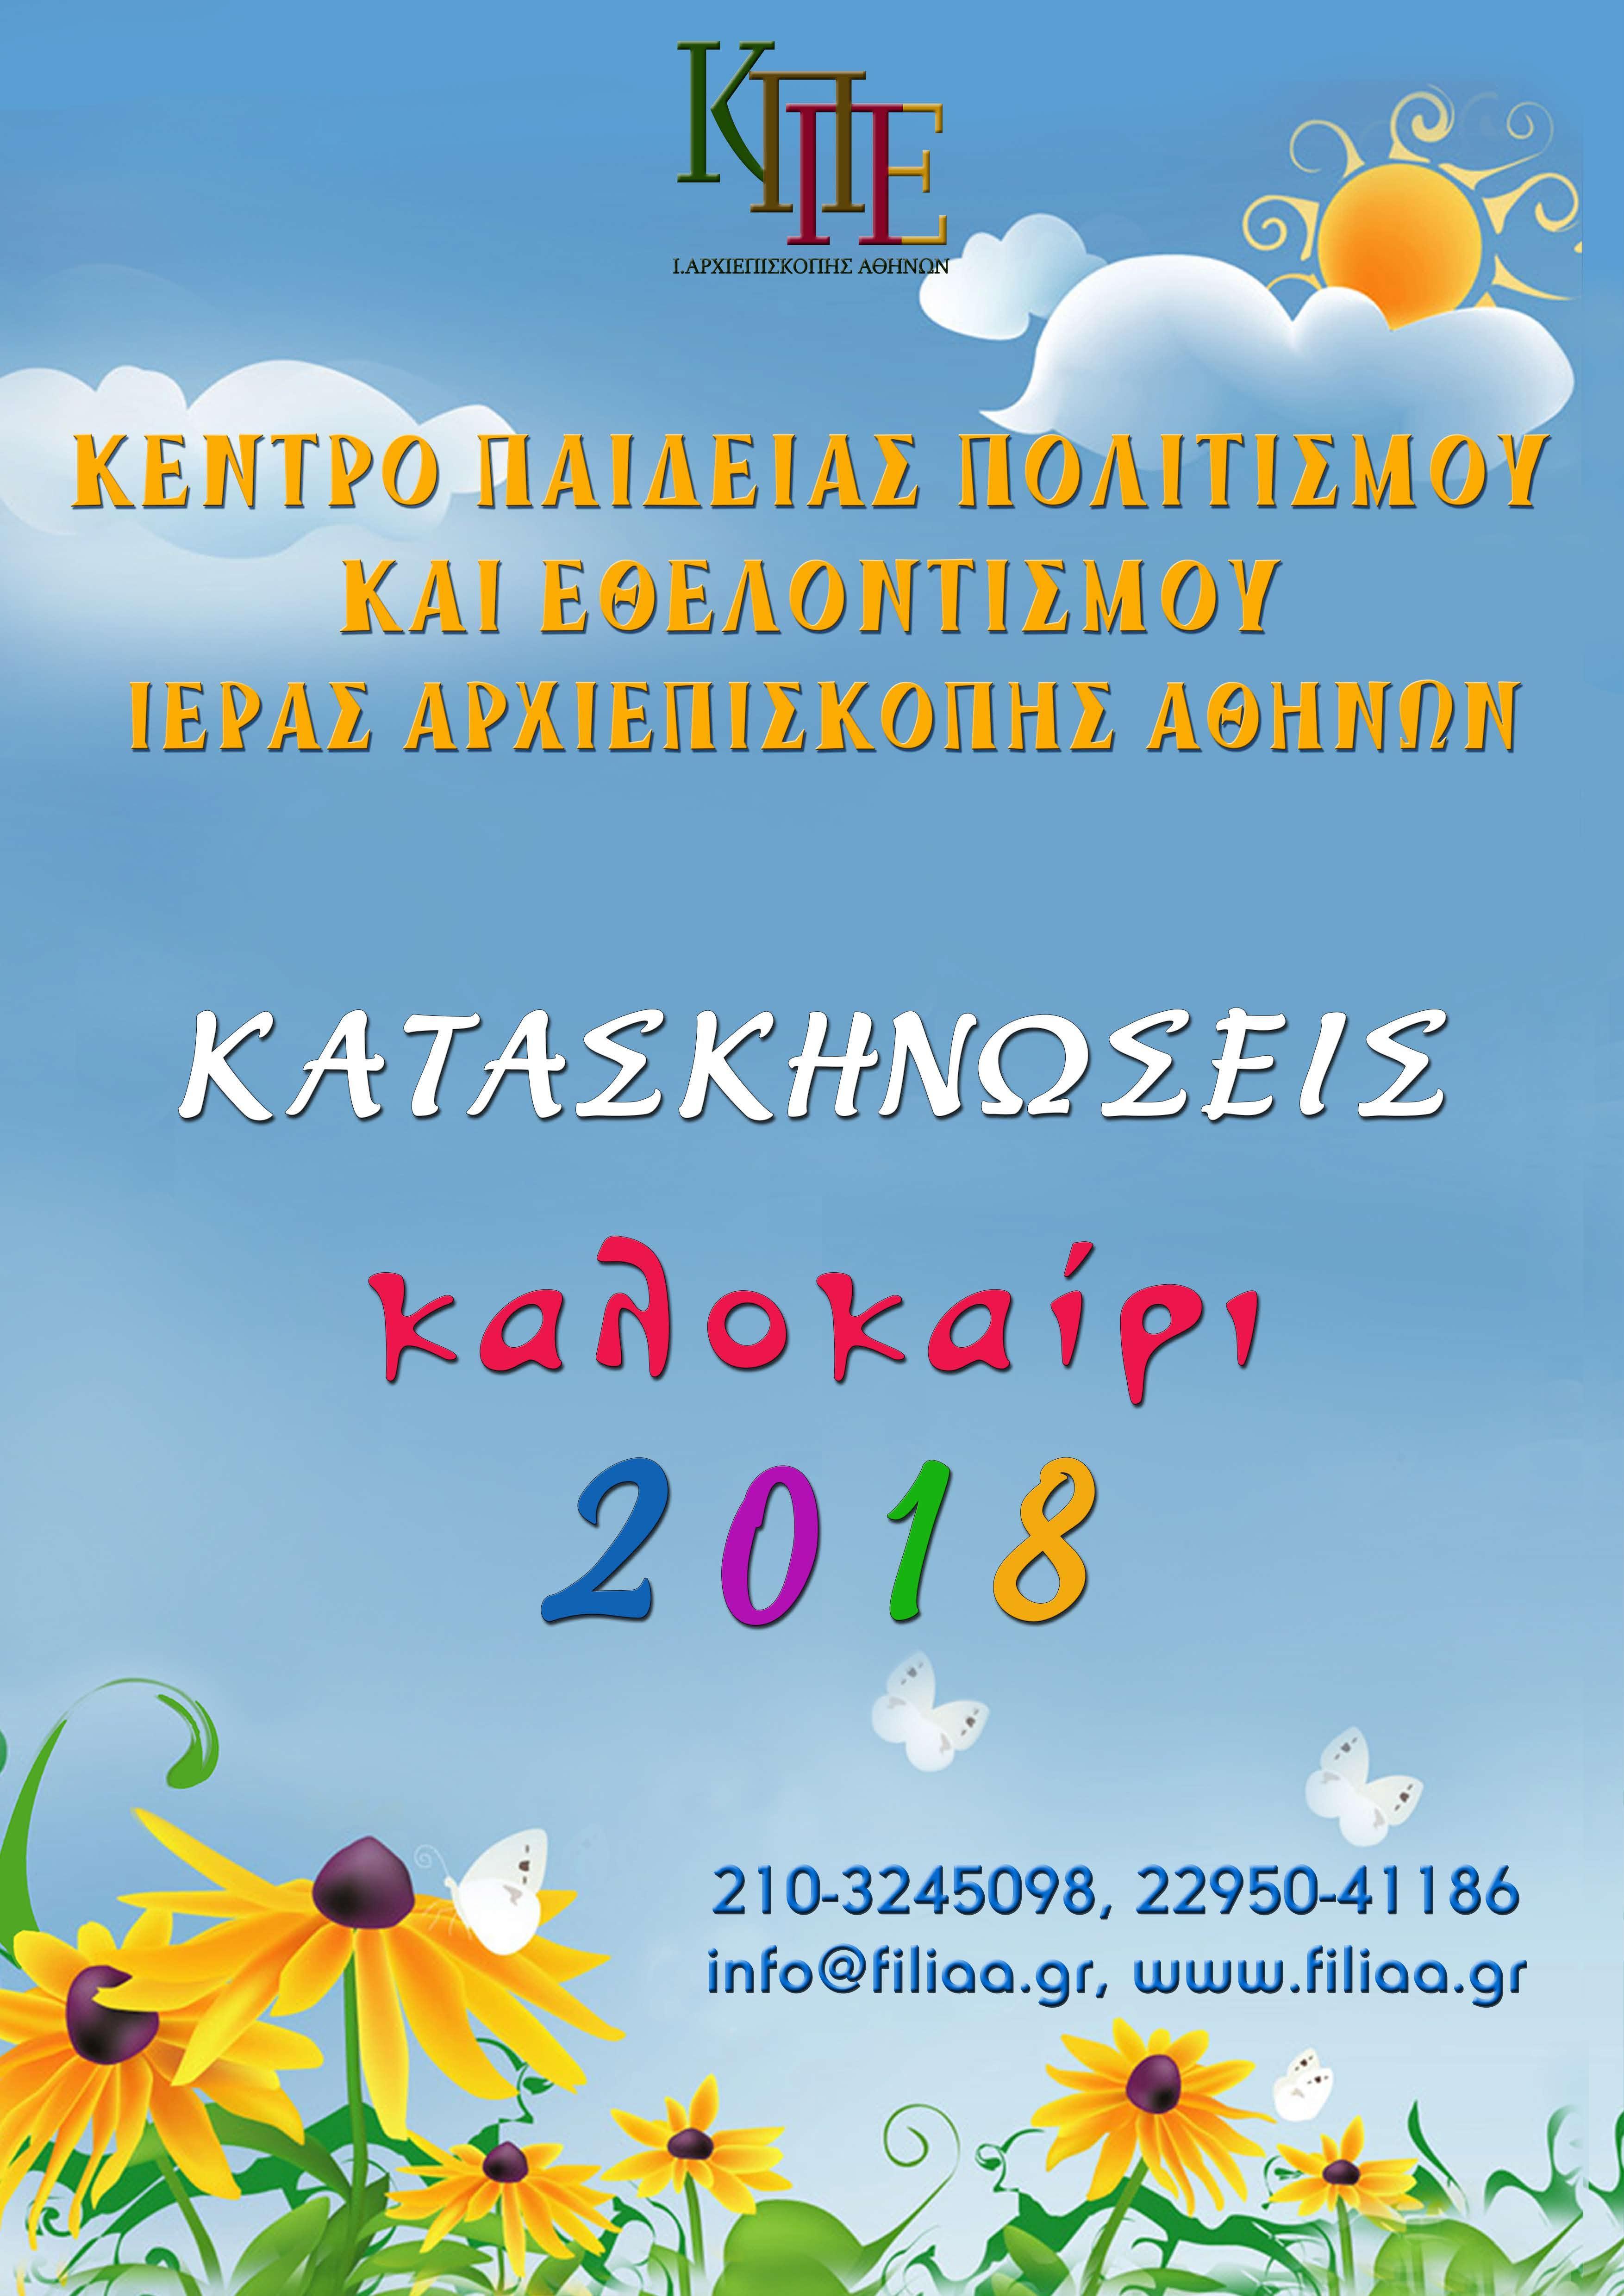 Κατασκηνώσεις της Ιεράς Αρχιεπισκοπής Αθηνών -  Καλοκαίρι 2018